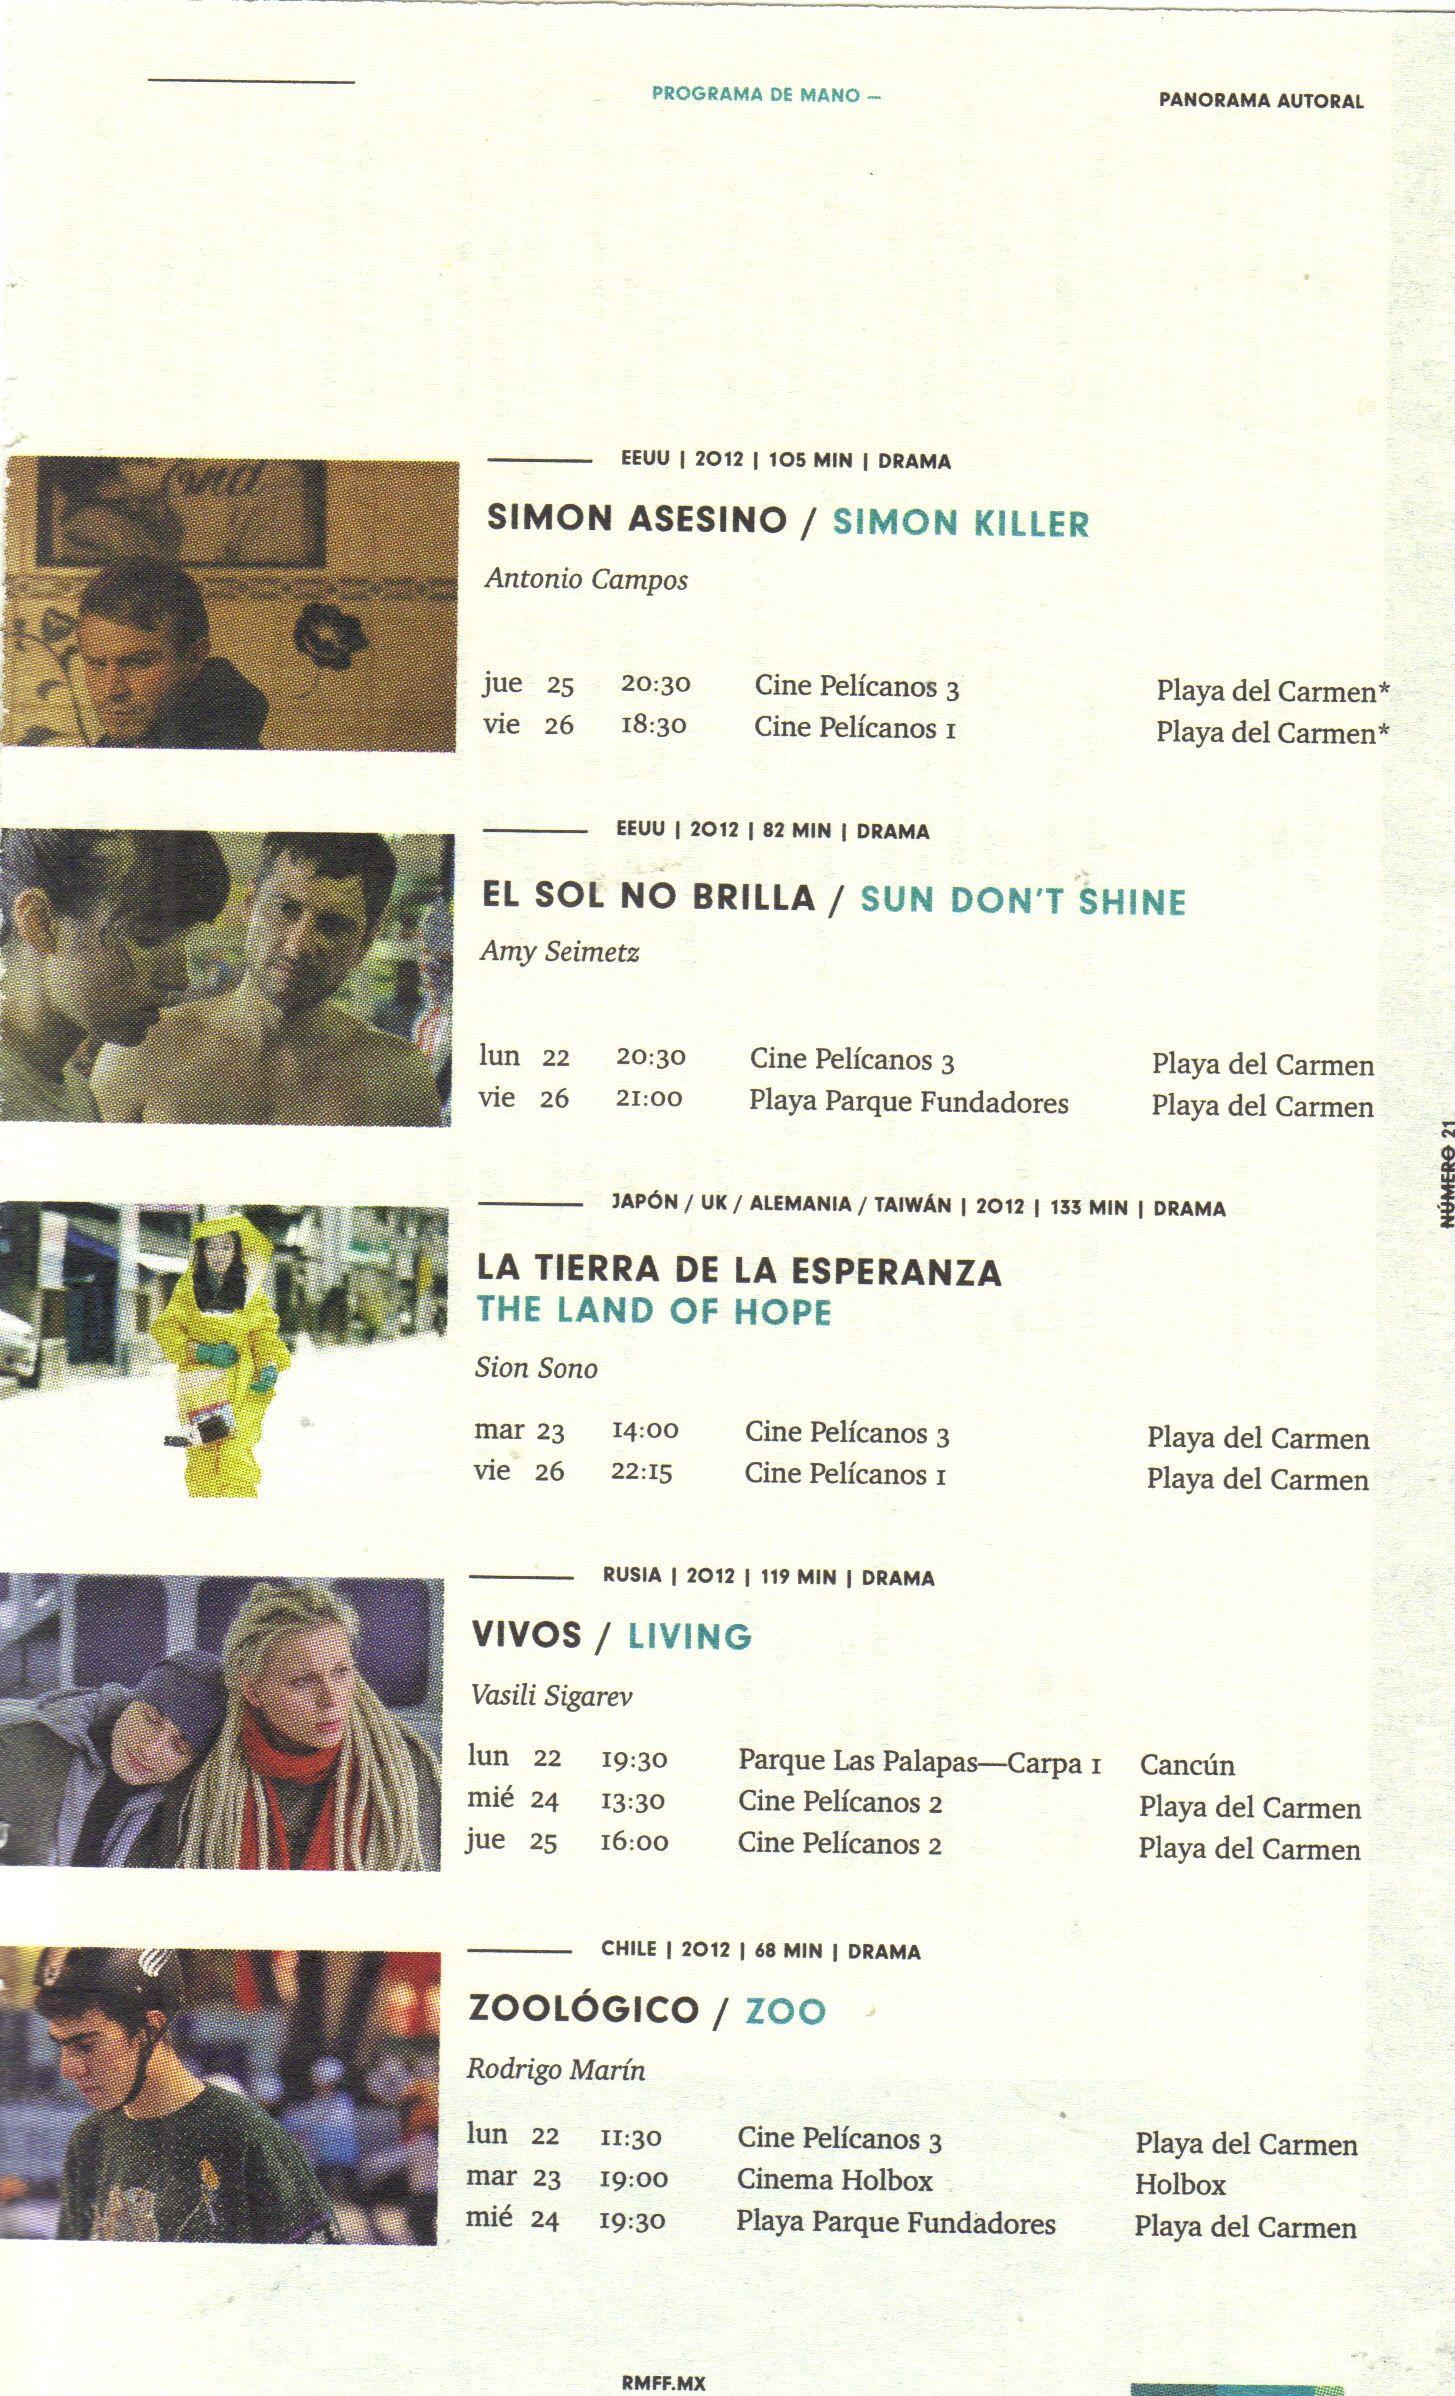 Riviera Maya Film Festival 2013 Official Program Guide